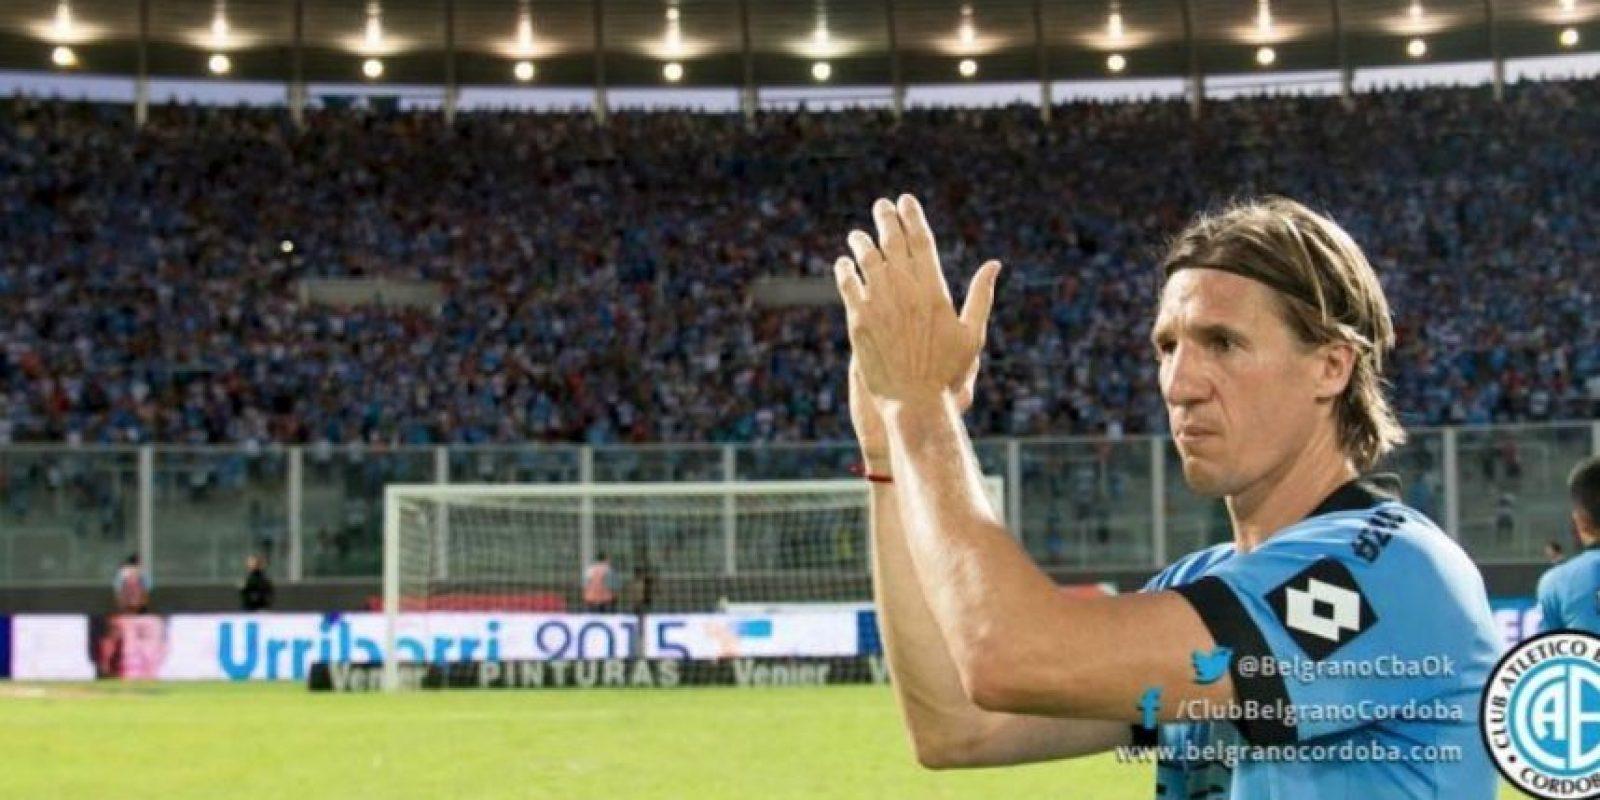 Los jugadores aplaudieron en forma de homenaje. Foto:twitter.com/BelgranoCbaOk